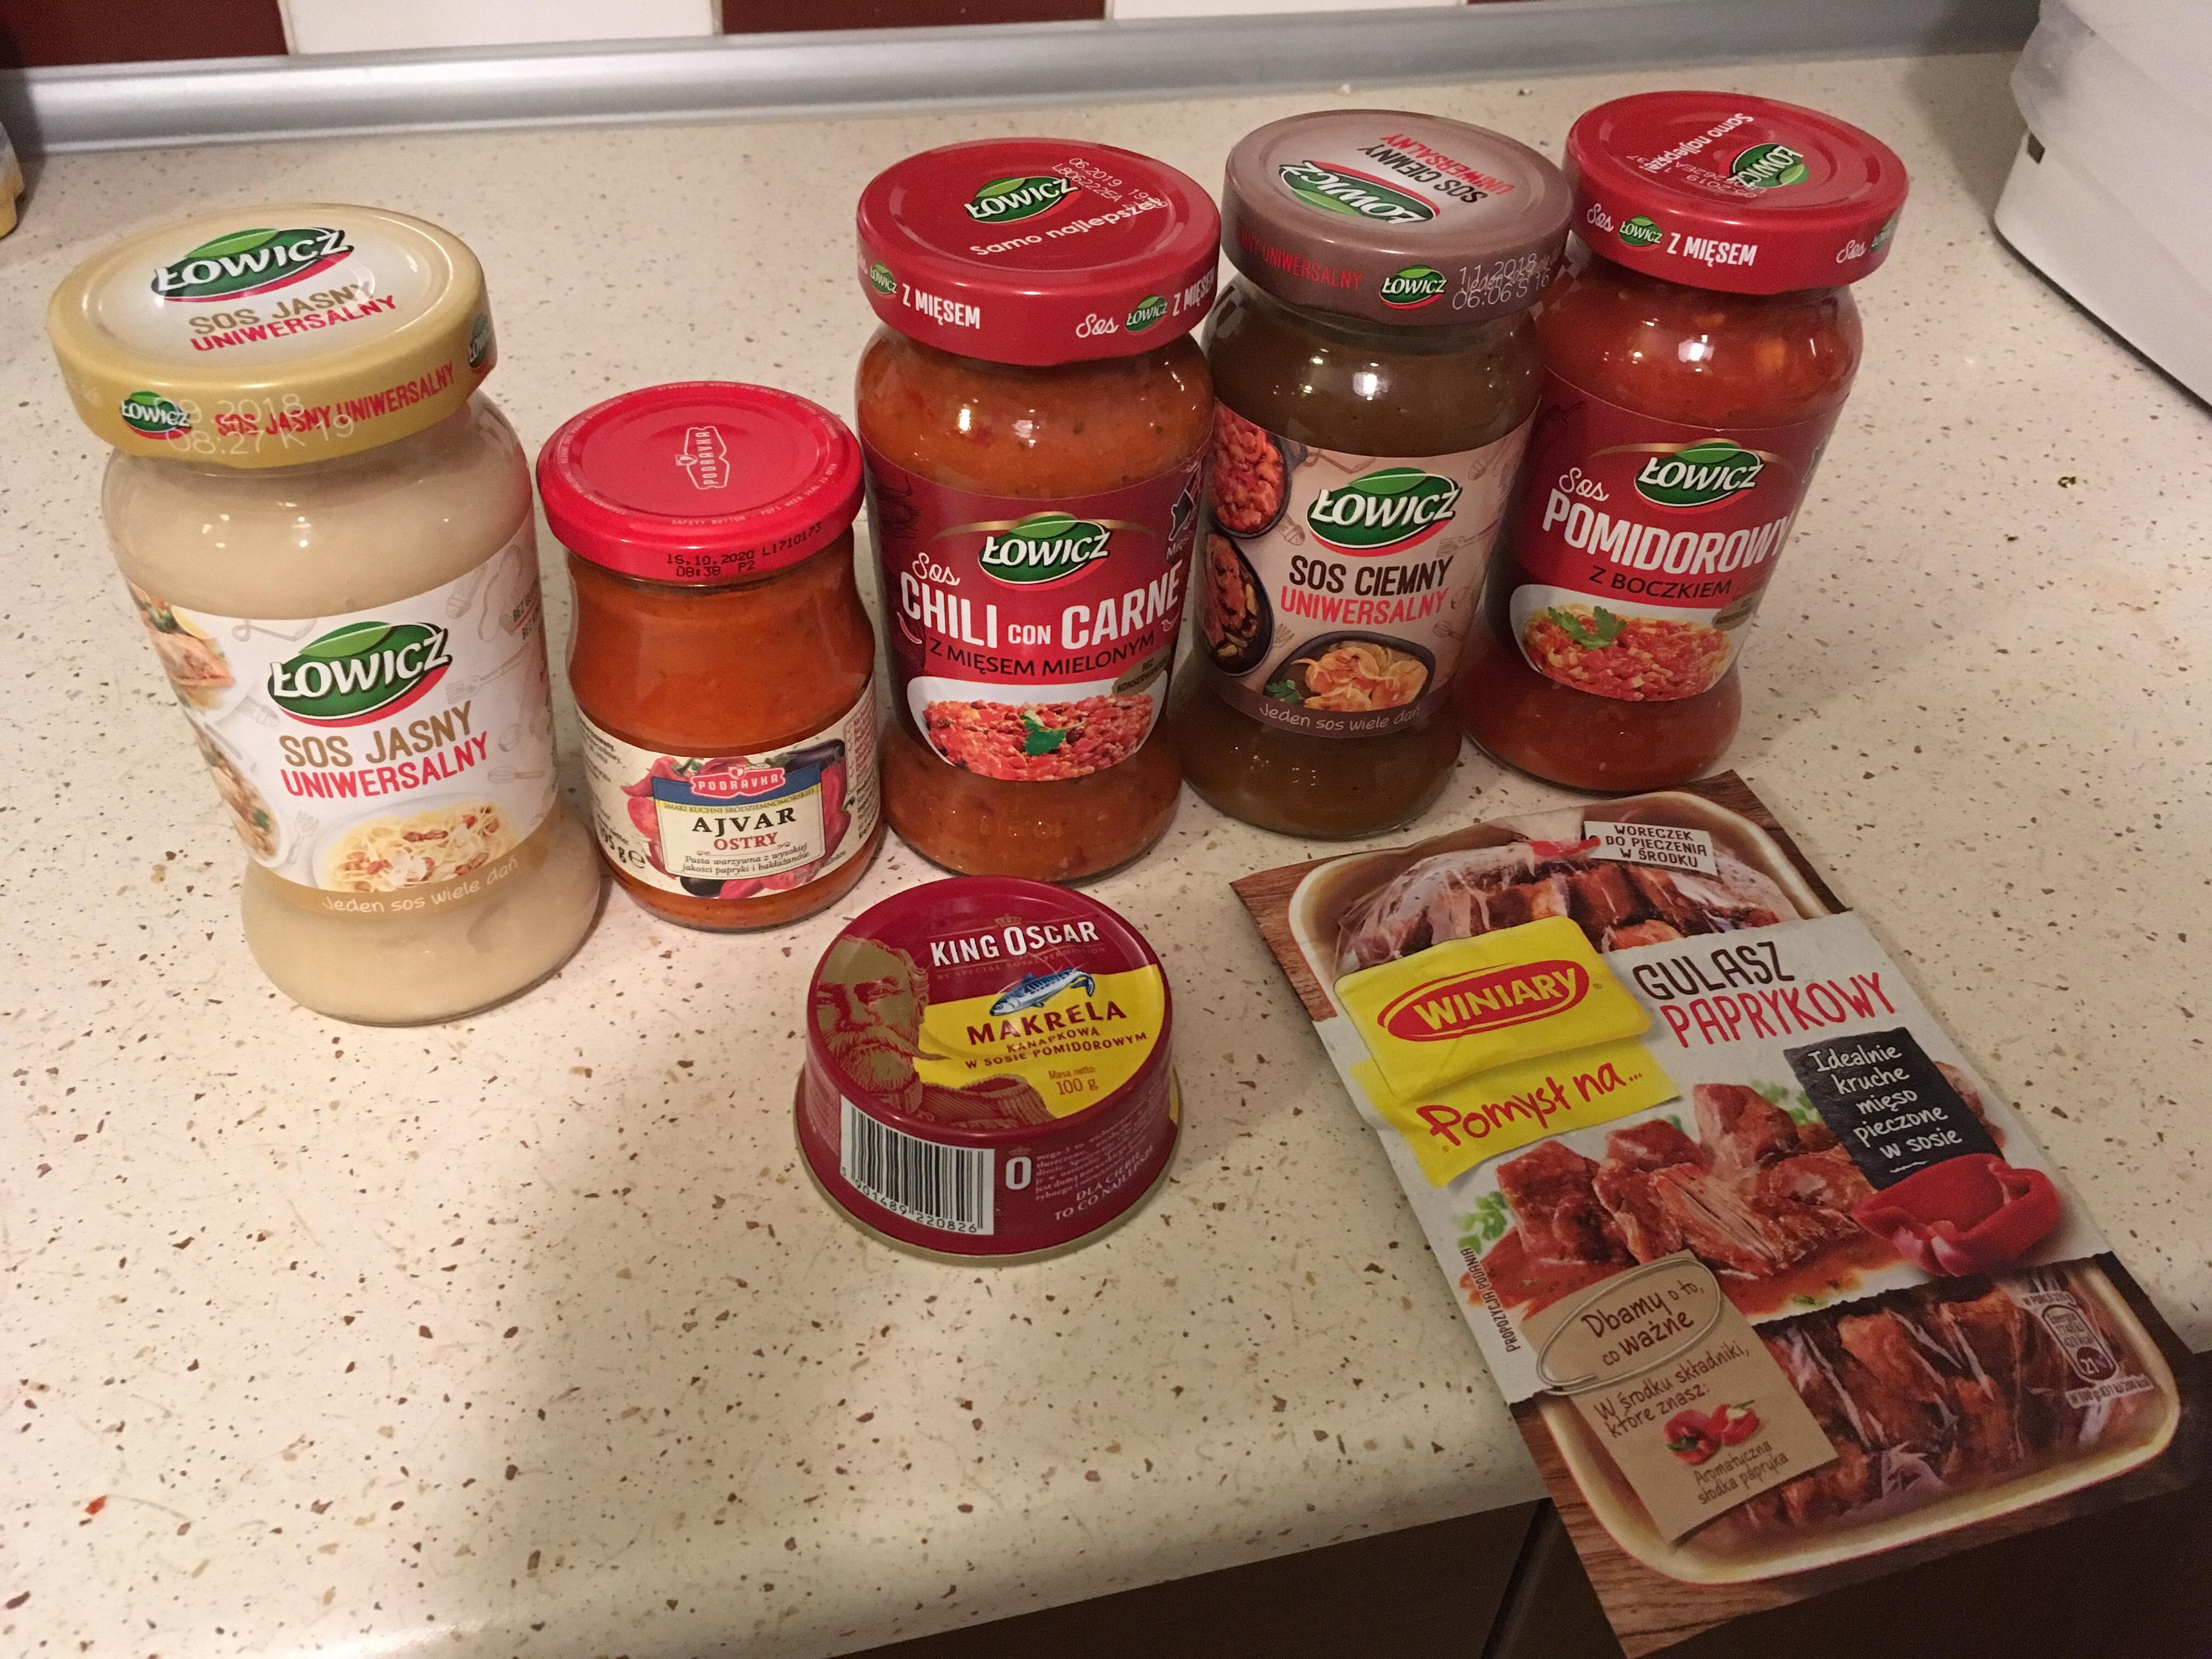 Łowicz sos uniwersalny ciemny, jasny, pomidorowy z boczkiem, chili con carne. Tesco